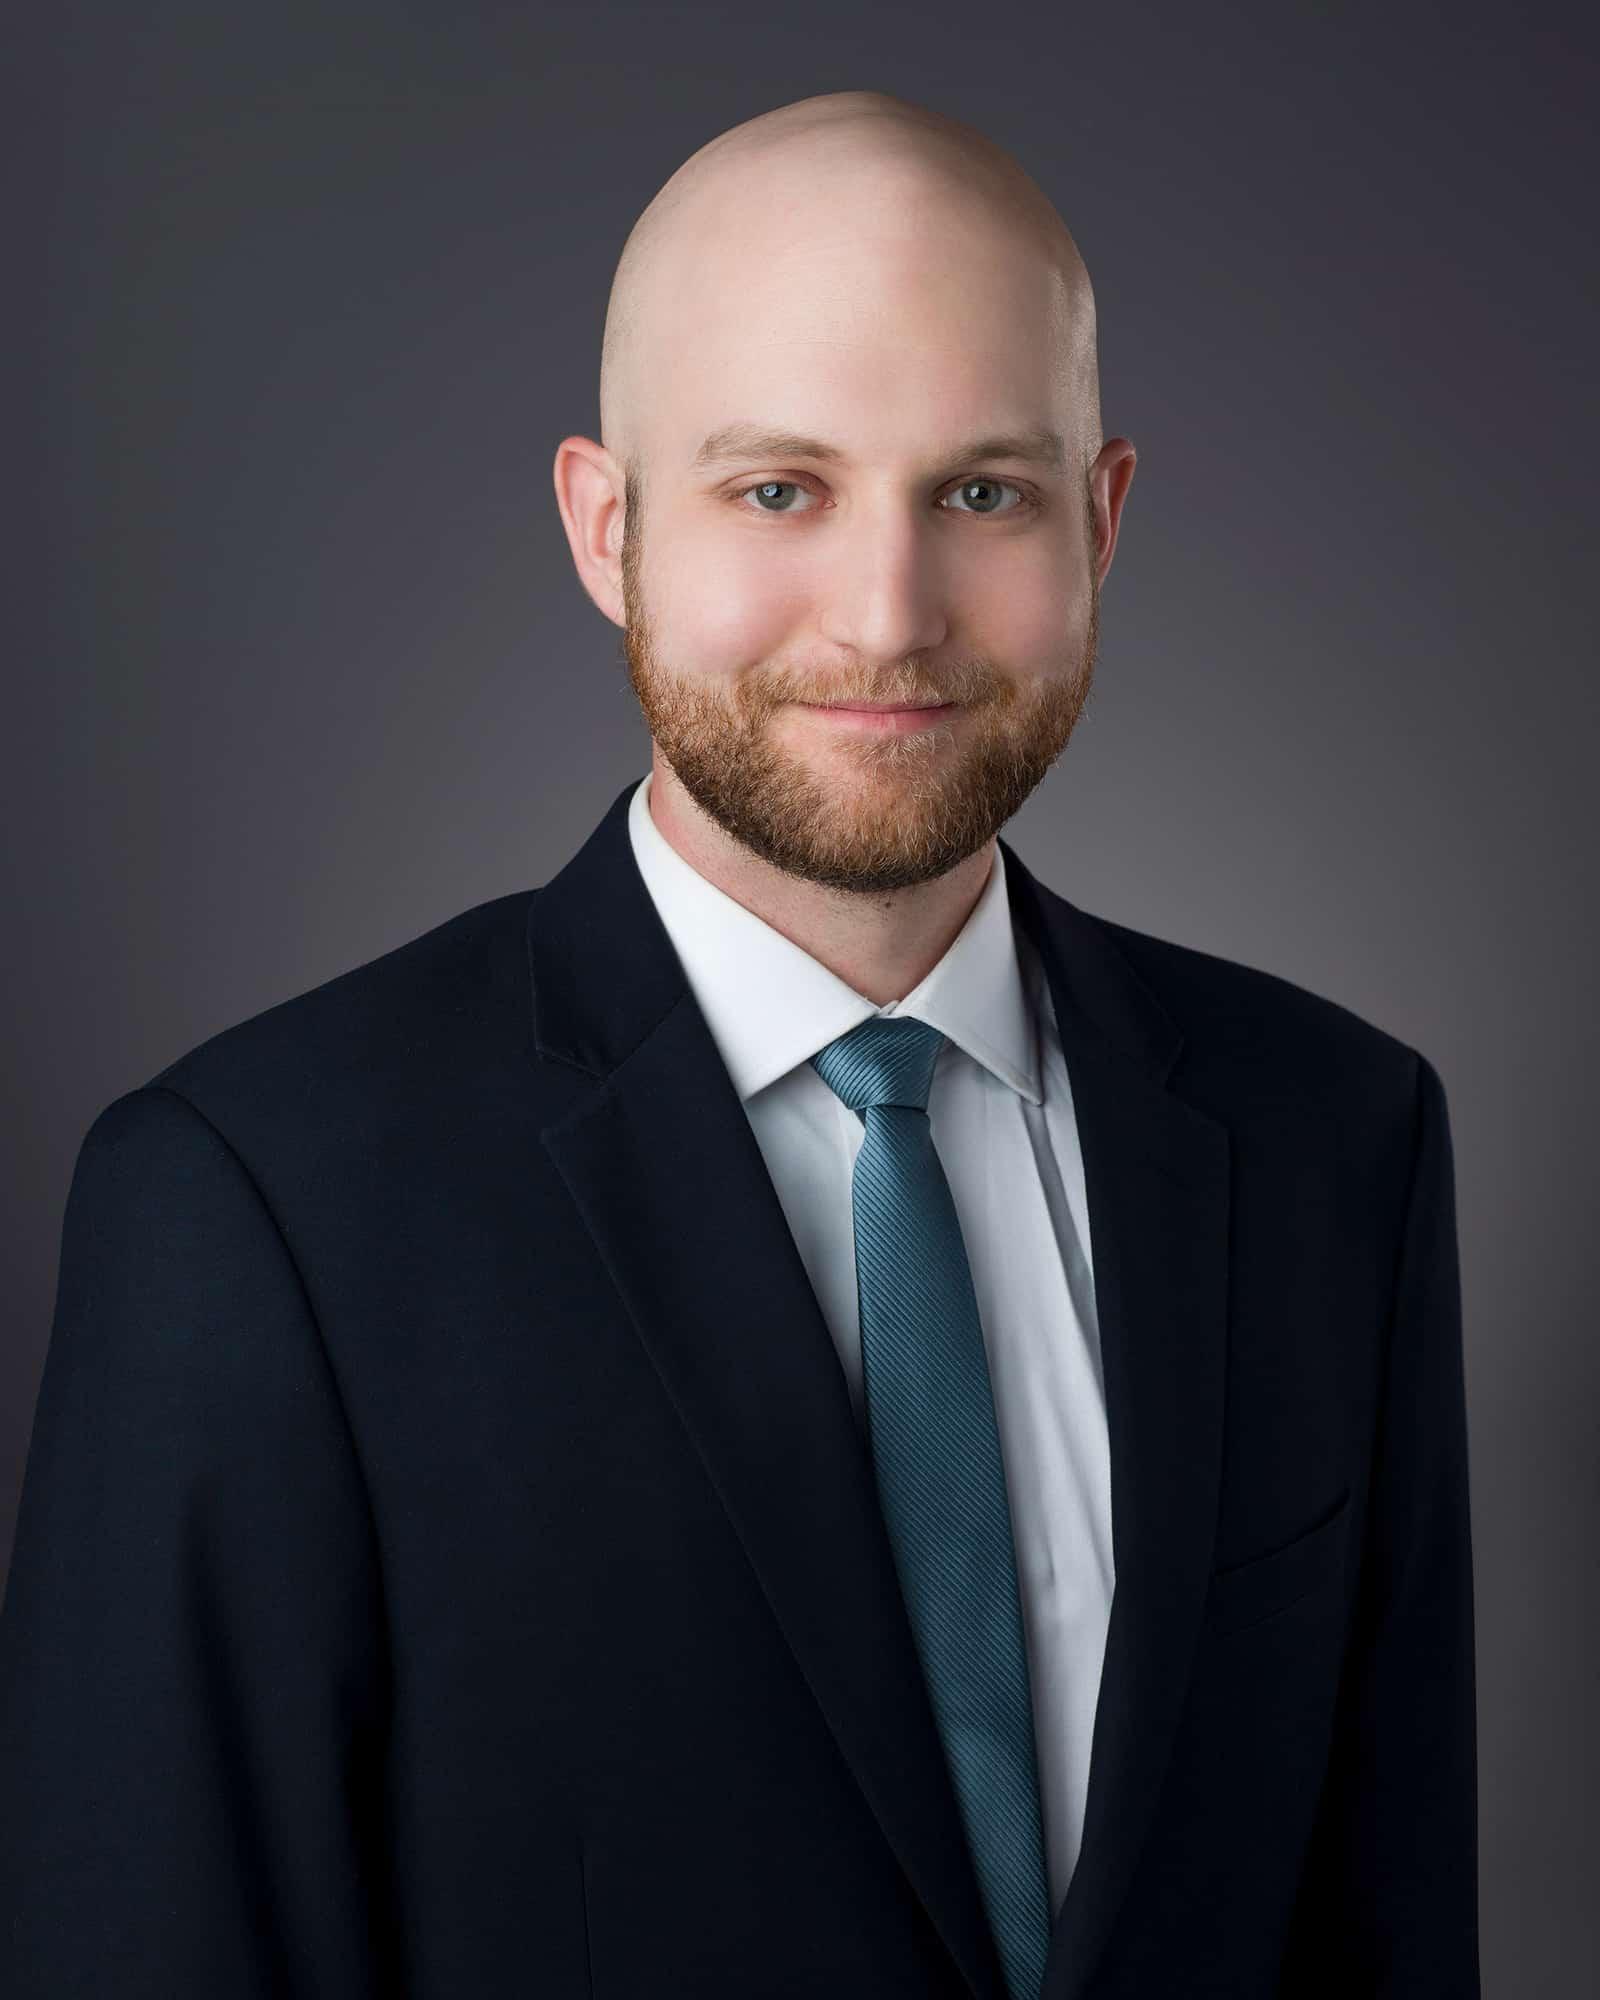 Evan Balko, Videographer